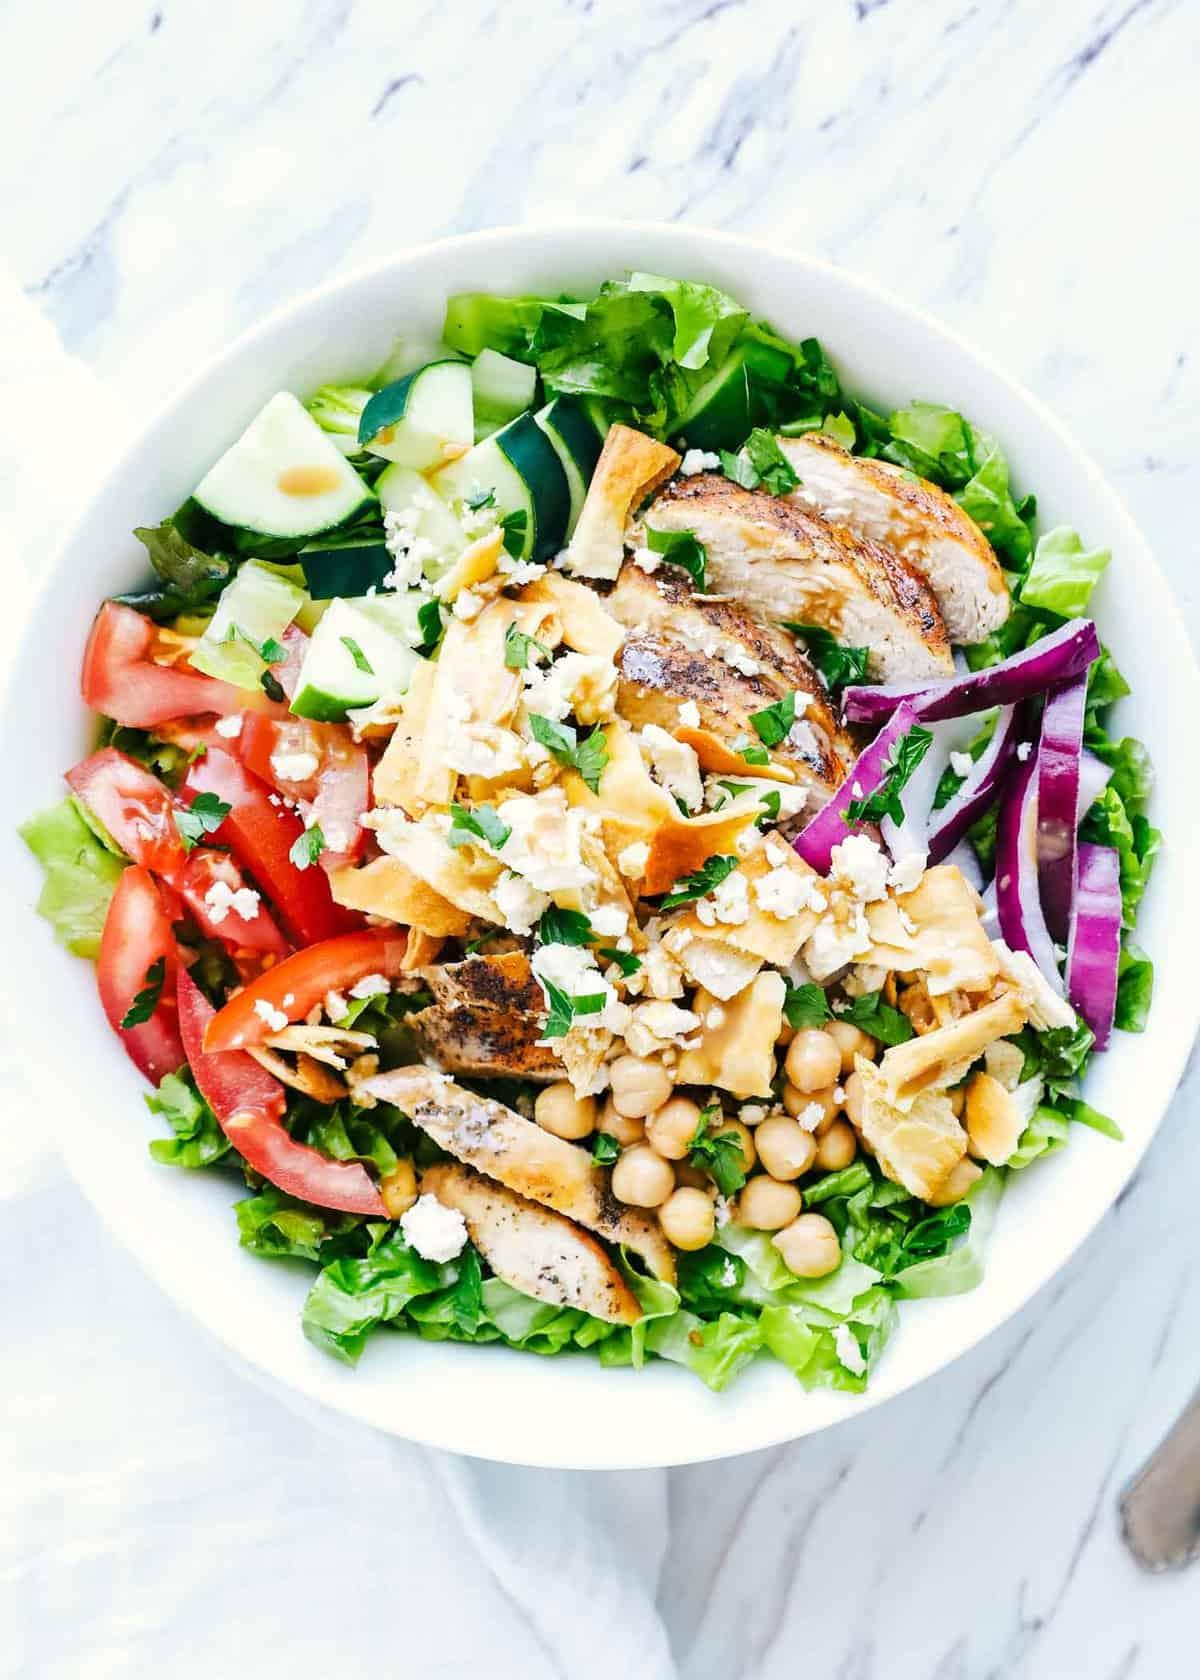 mediterranean salad in a white bowl